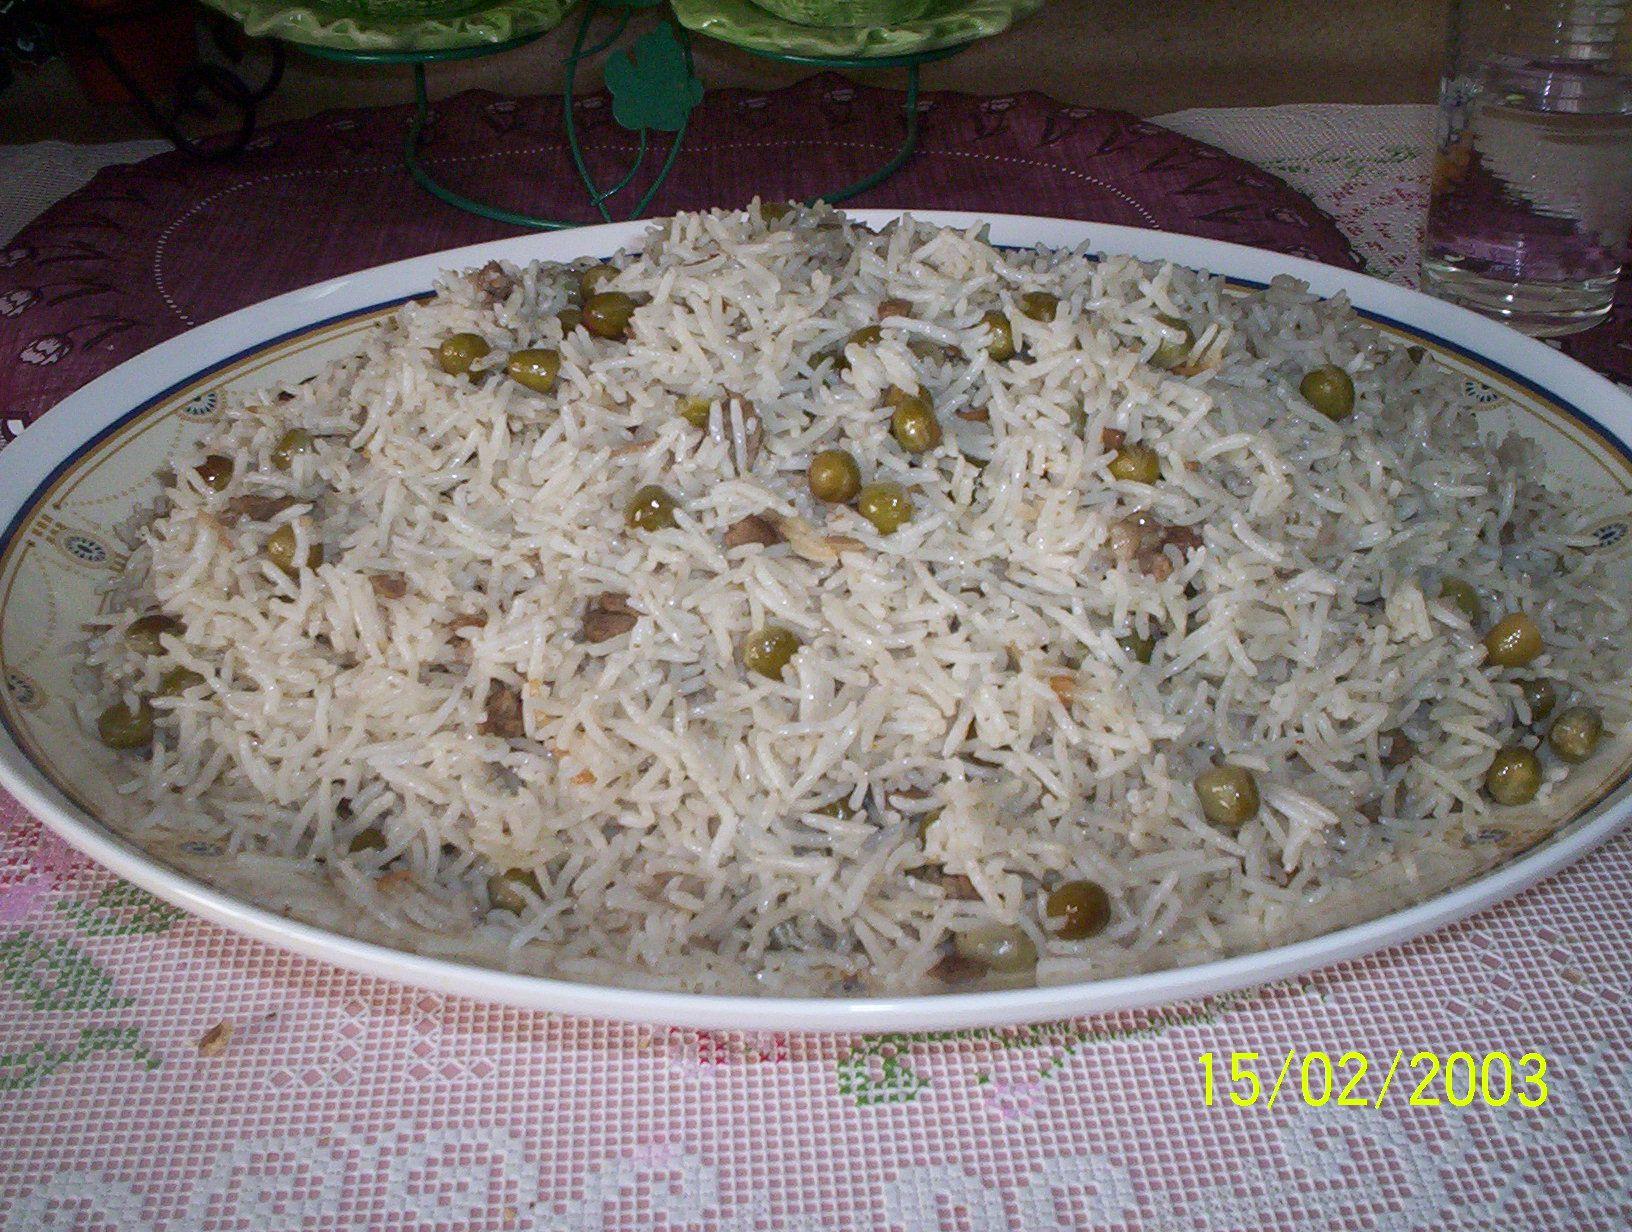 ملف منوع لأطباق الرز وبالصور لعيونكم رحمك الله يا أم فيصل منتديات عالم حواء Food Spices Coconut Flakes